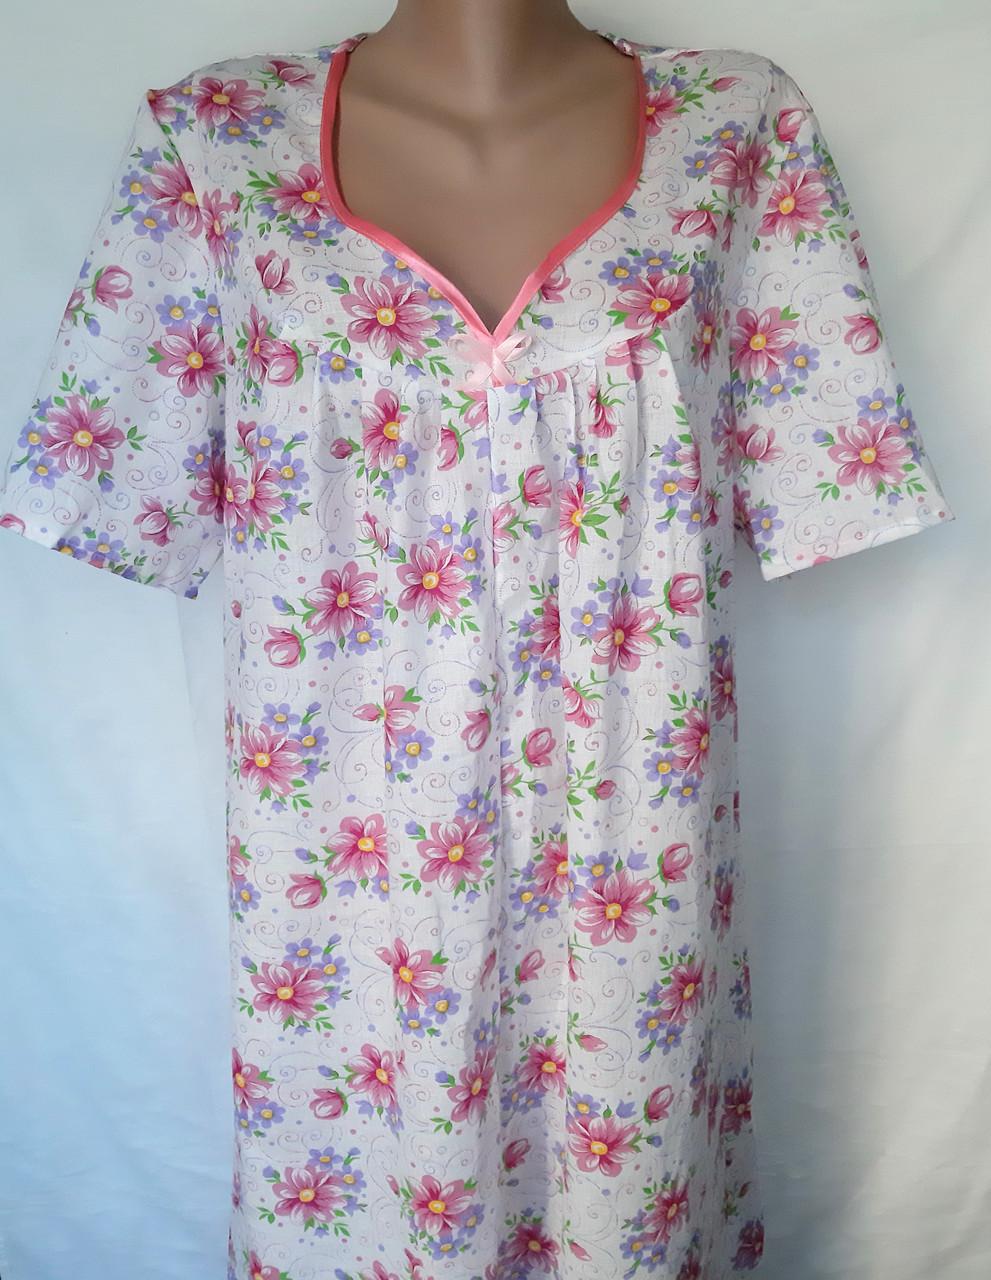 Ночная рубашка с коротким рукавом 64 размер Герберы